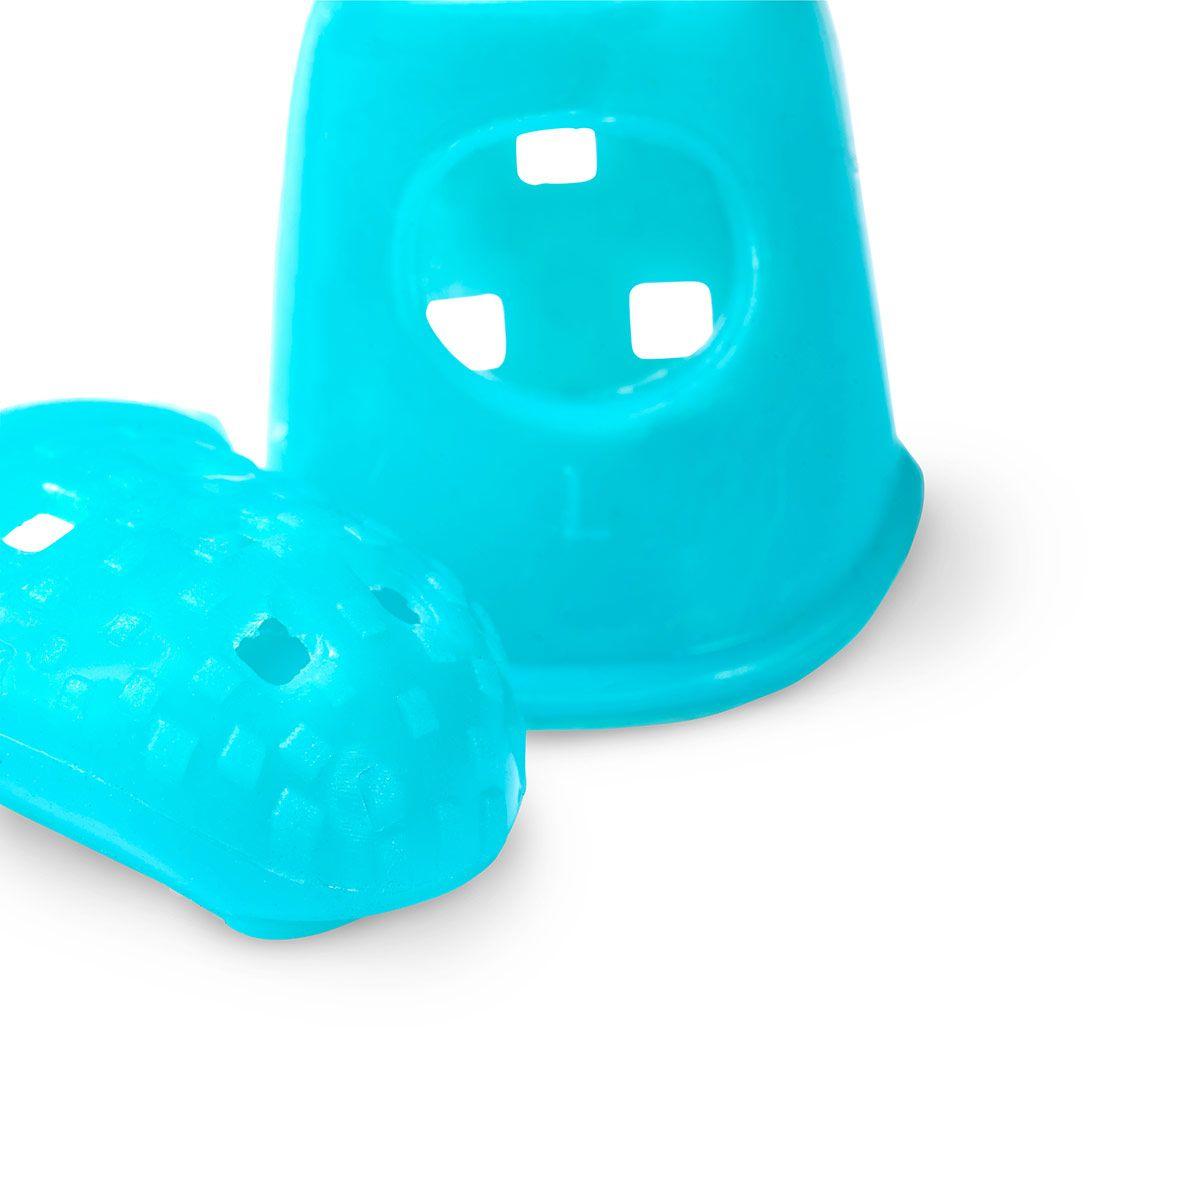 Tires aiguille forme dé à coudre - Bleu turquoise